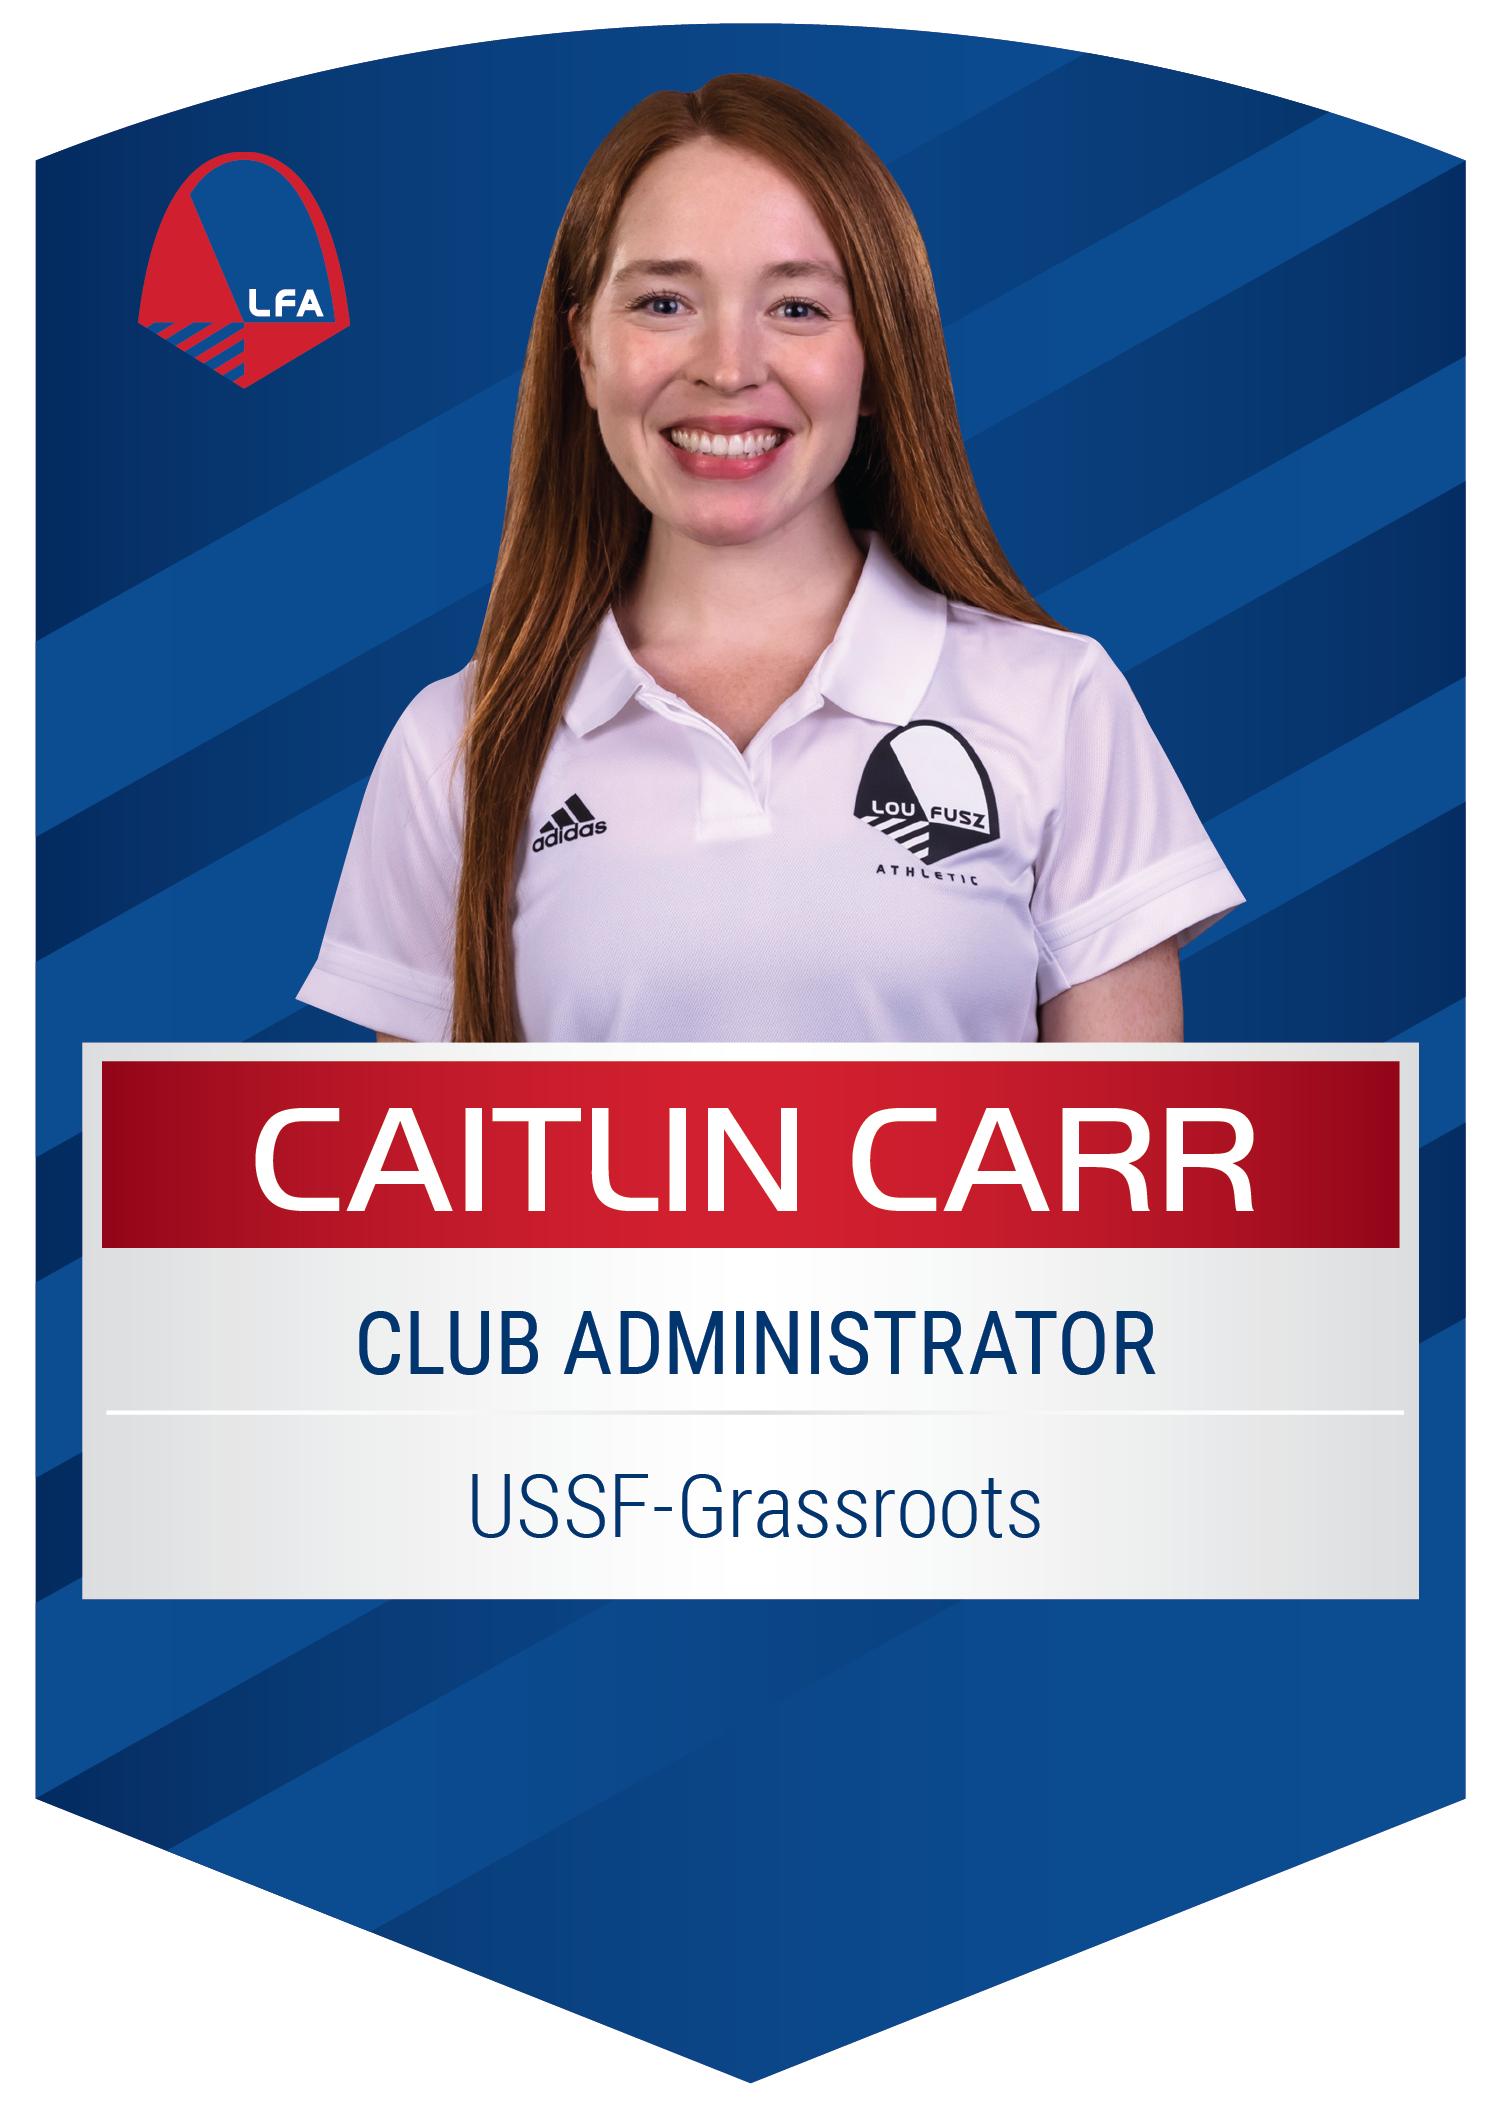 Caitlin Carr